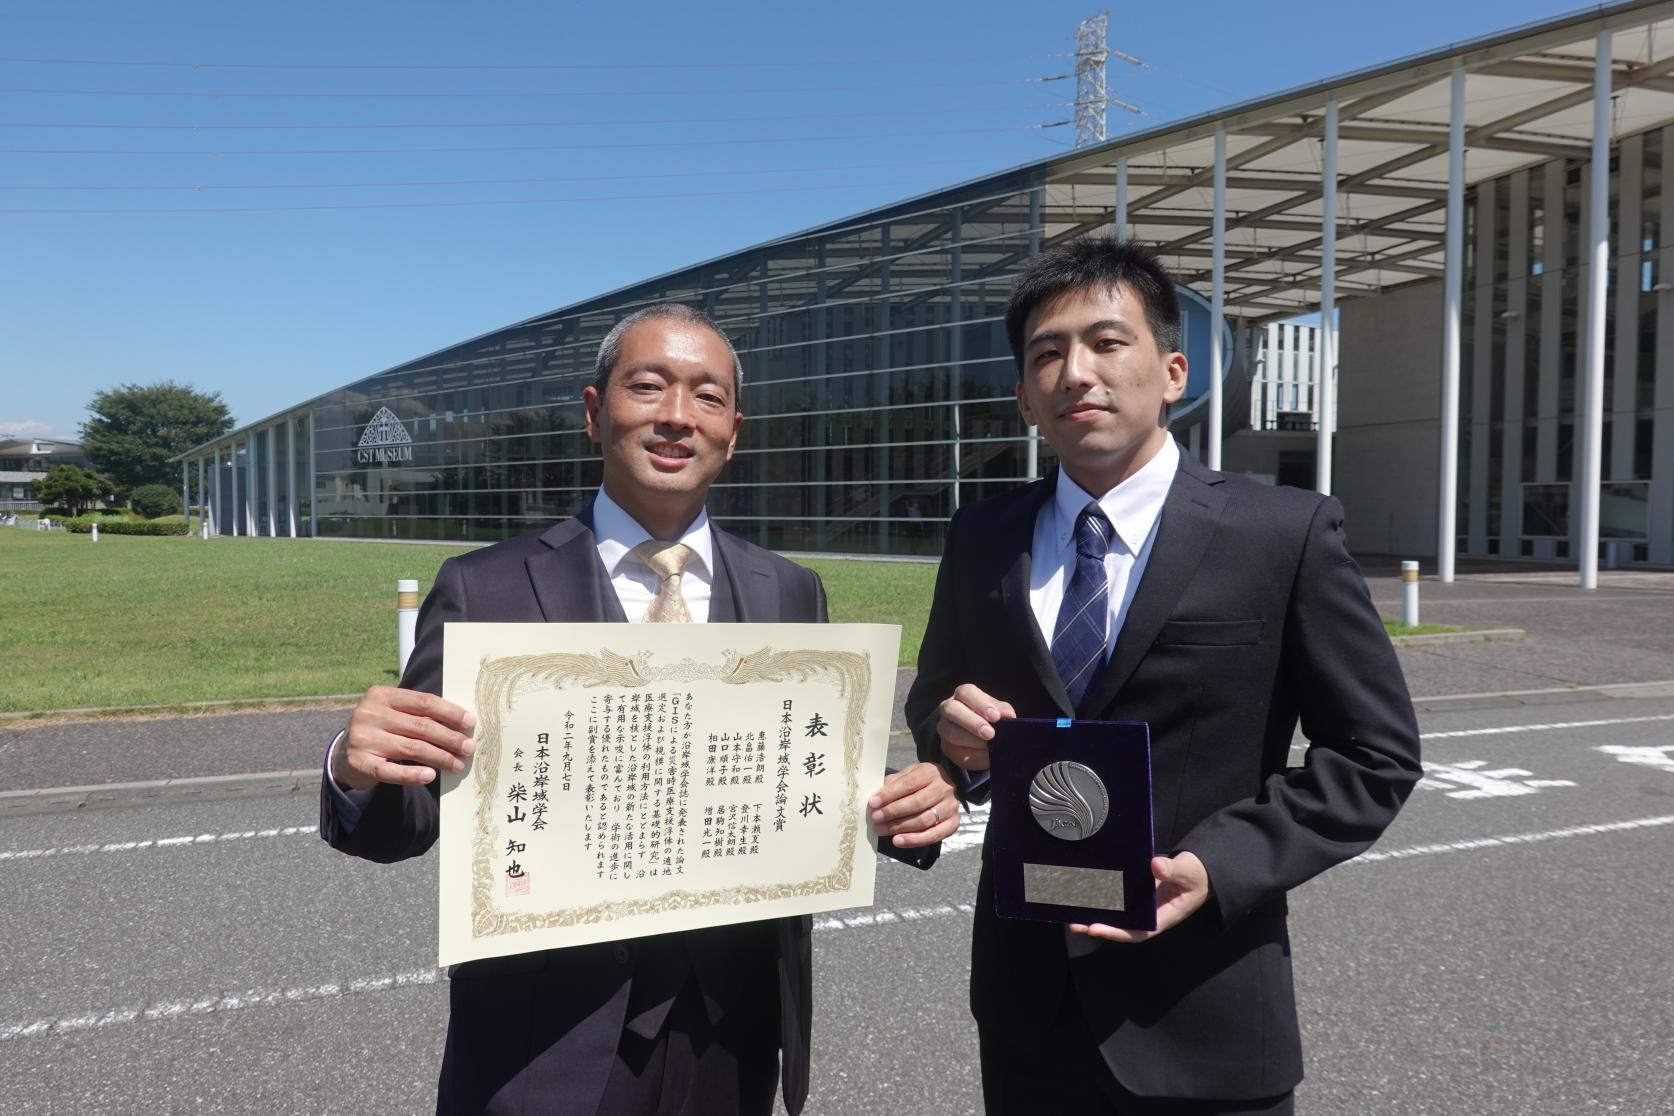 海洋建築工学専攻2年の下本瀬夏さんと惠藤浩朗准教授が、日本沿岸域学会「日本沿岸域学会論文賞」を受賞しました。